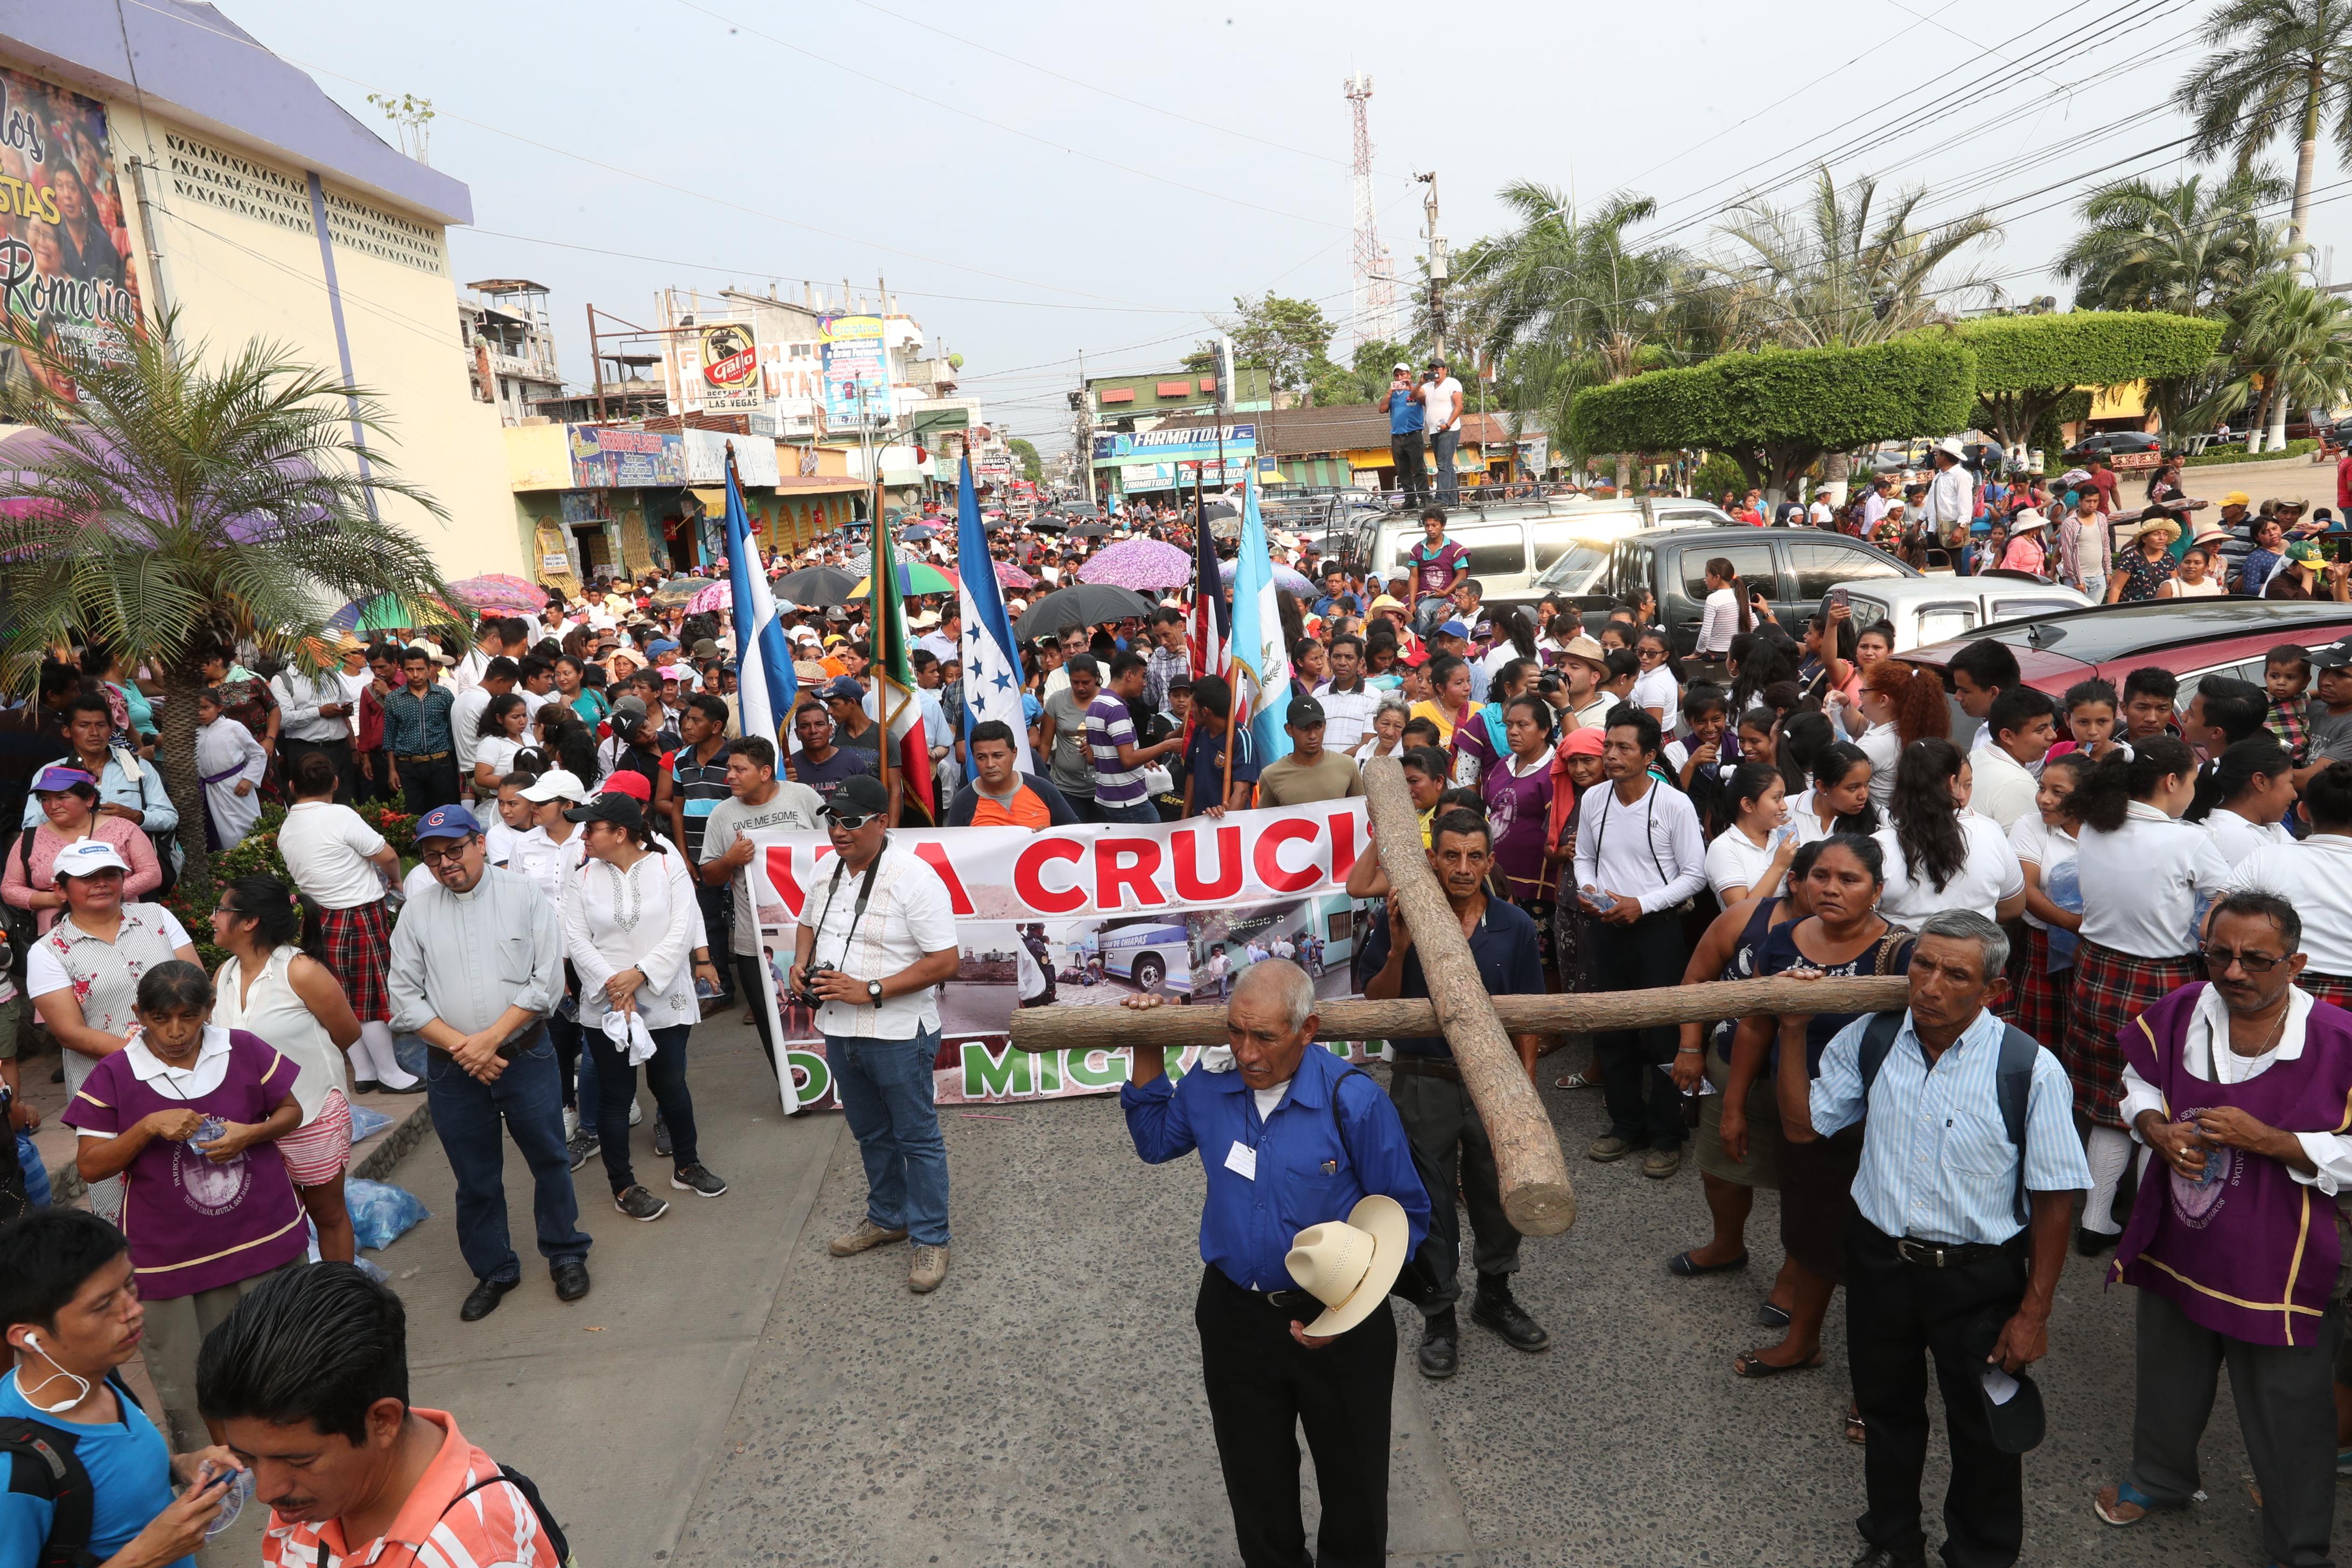 Cientos de personas participan en el Viacrucis del Migrante. (Foto Prensa Libre: Mynor Toc)